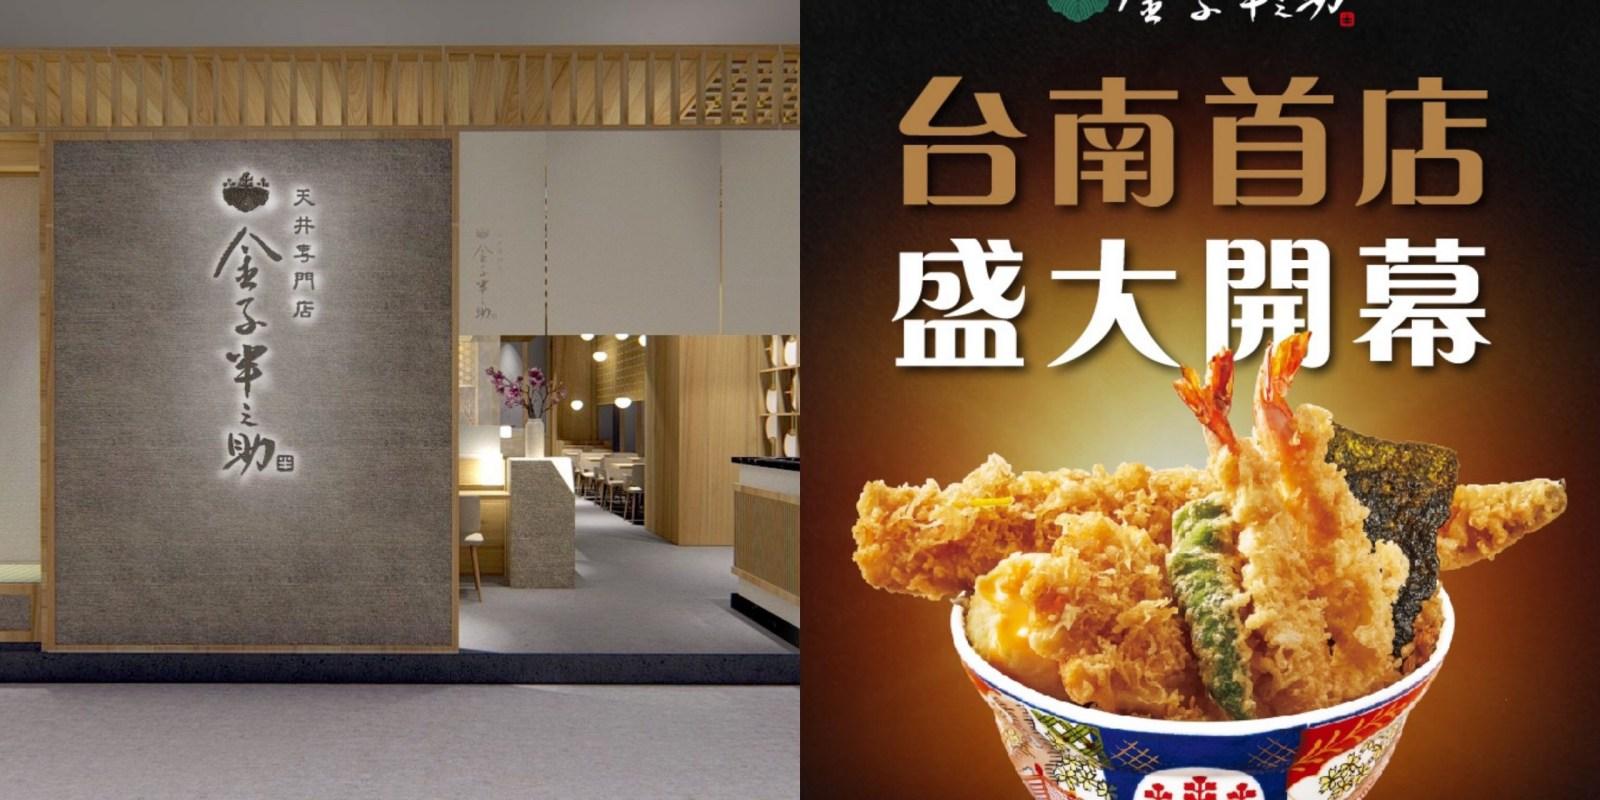 南臺灣首間【金子半之助】日本第一天丼終於來台南了!! 開幕首三日半價優惠 地點選在這裡|台南美食